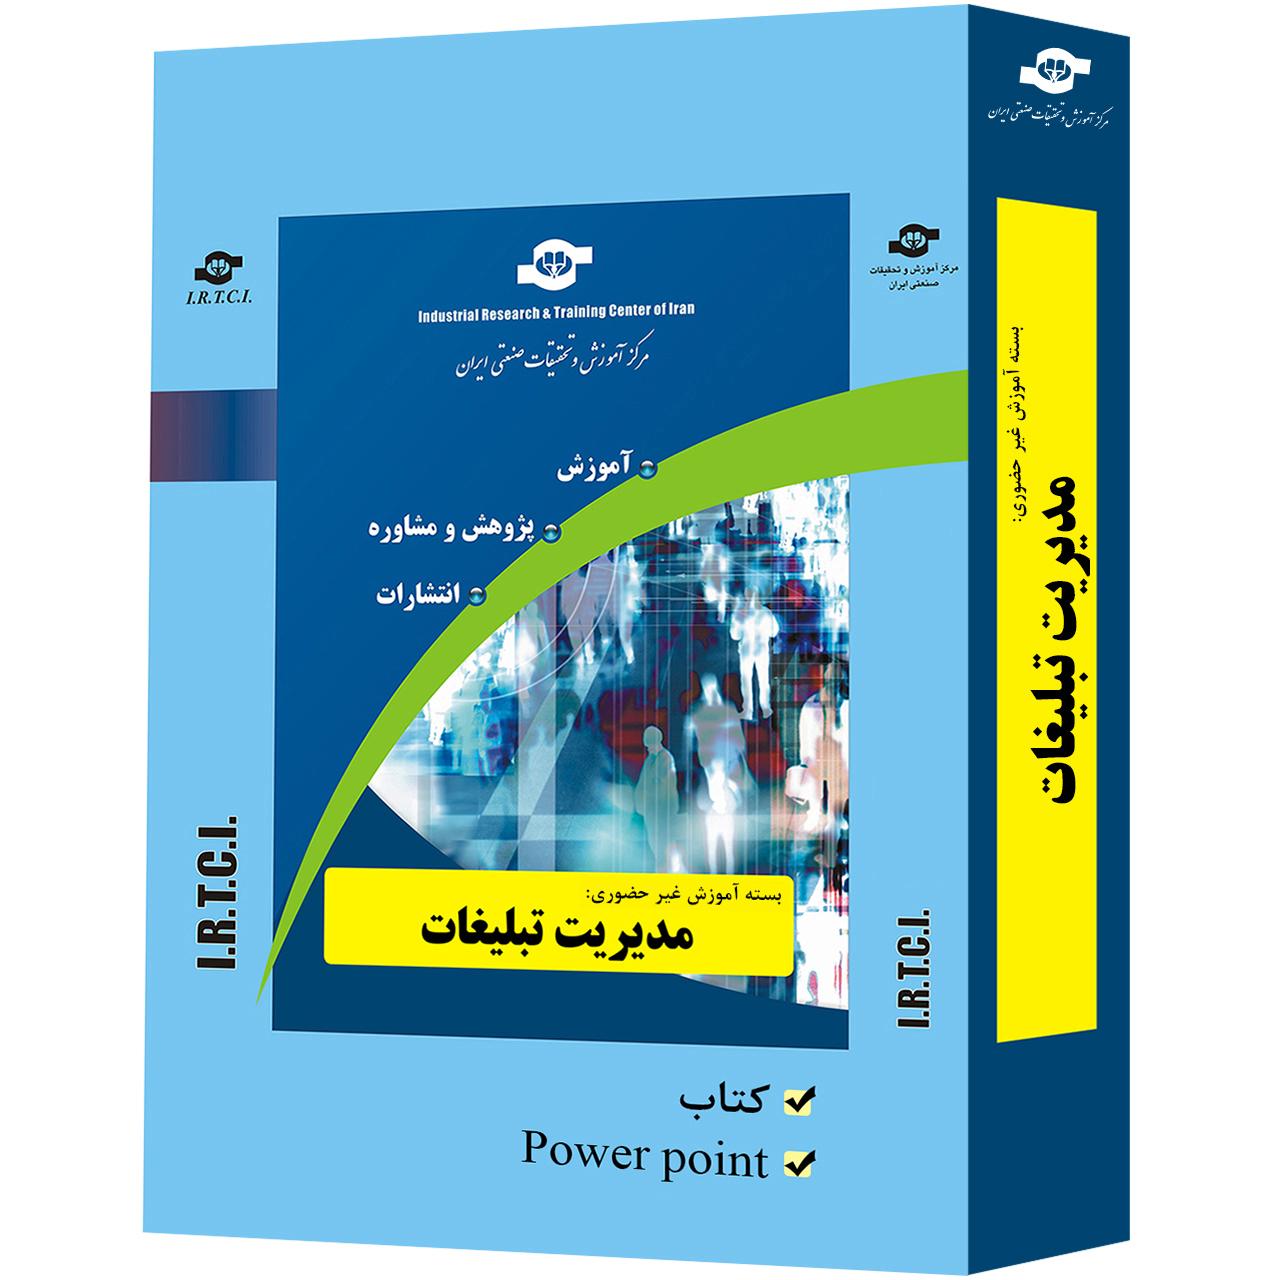 بسته آموزشی غیر حضوری مدیریت تبلیغات تدوین مرکز آموزش و تحقیقات صنعتی ایران